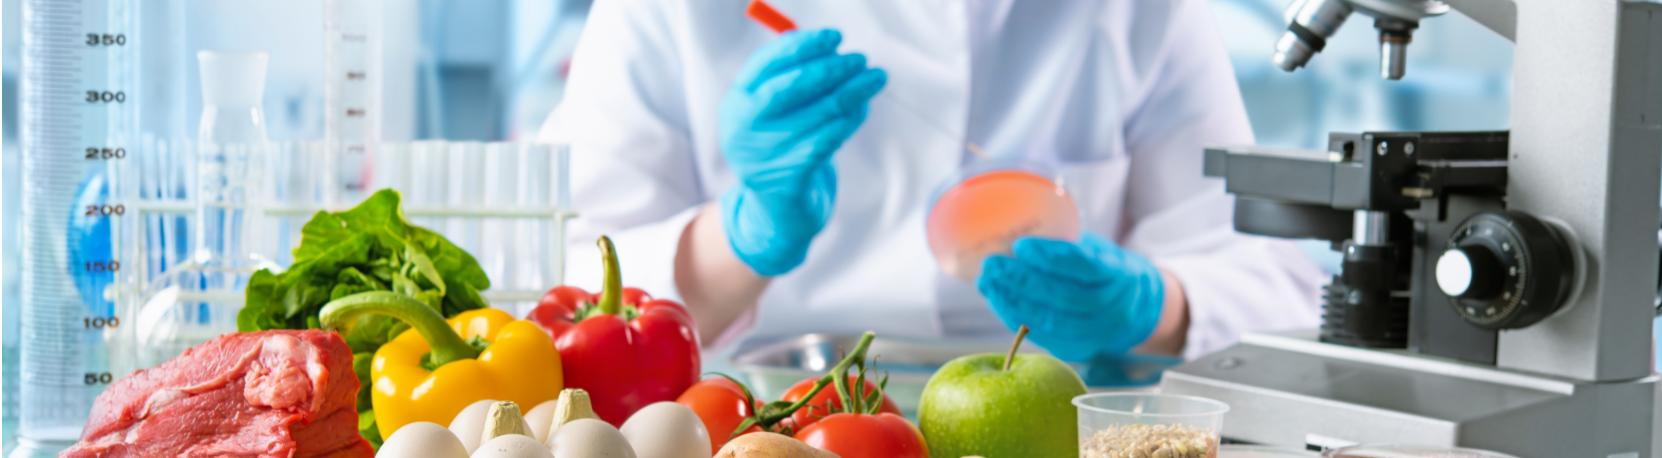 analisi alimenti in campania e puglia